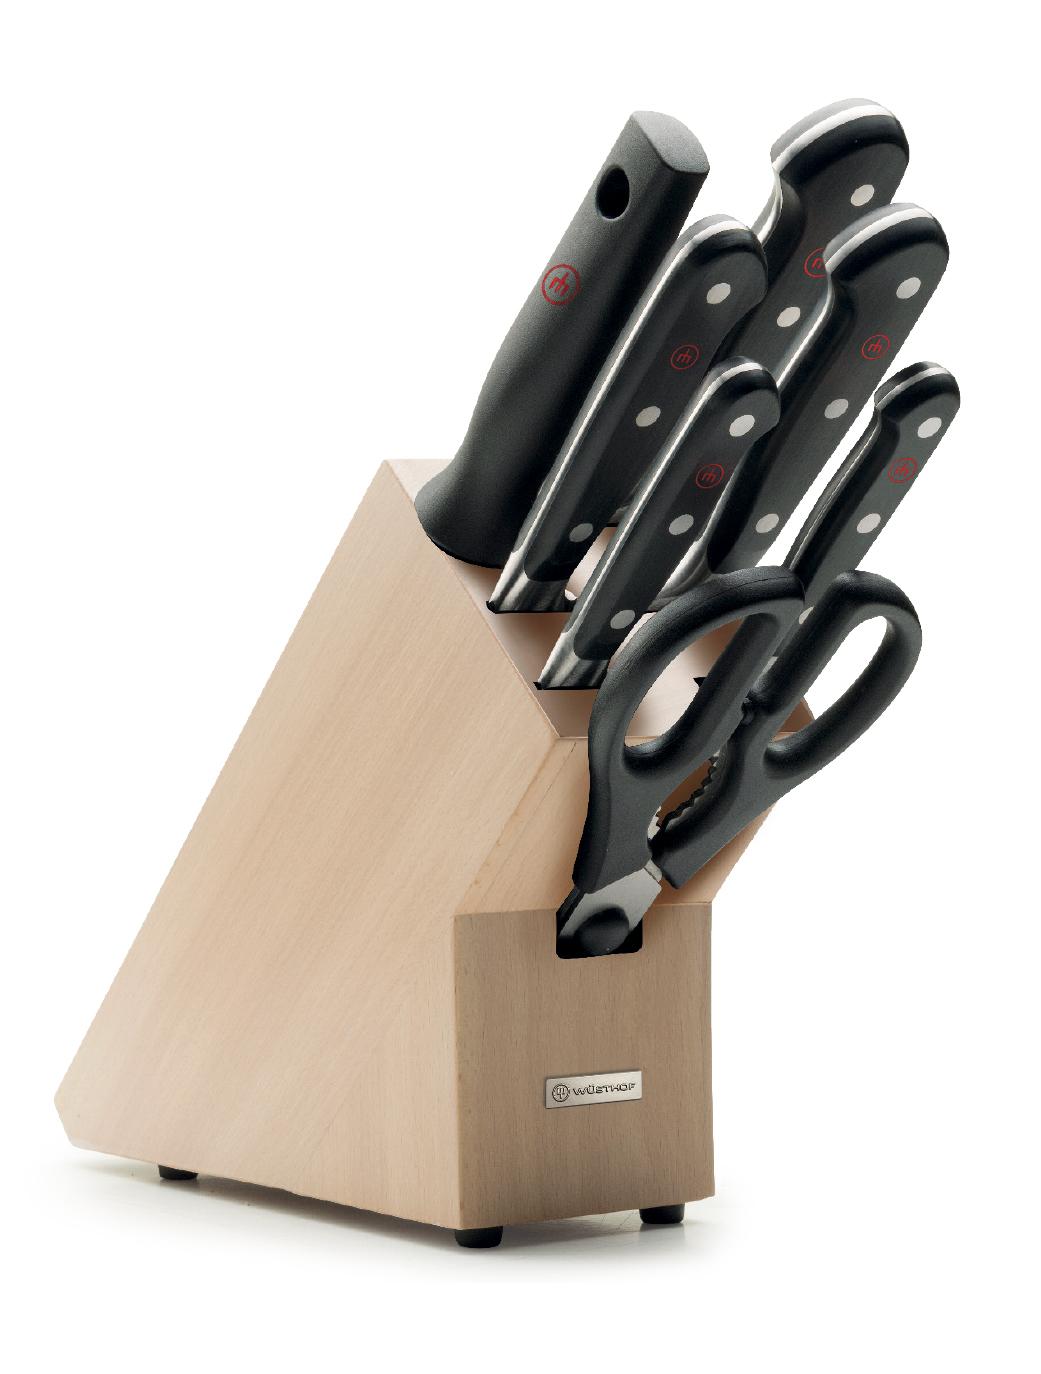 Messerblock mit 7 Artikeln / Knife block with 7 pieces